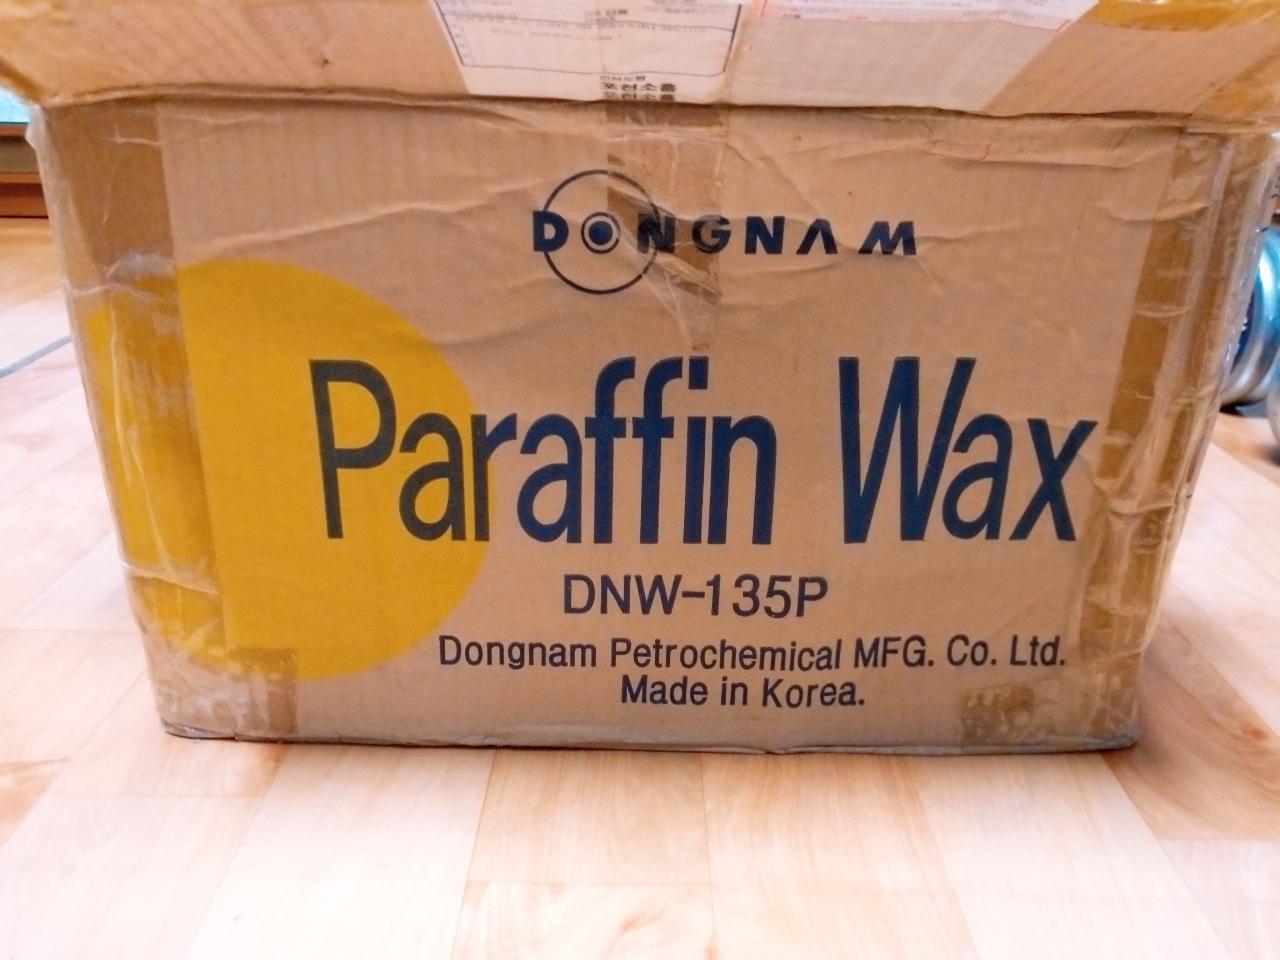 파라핀 왁스(양초원료)